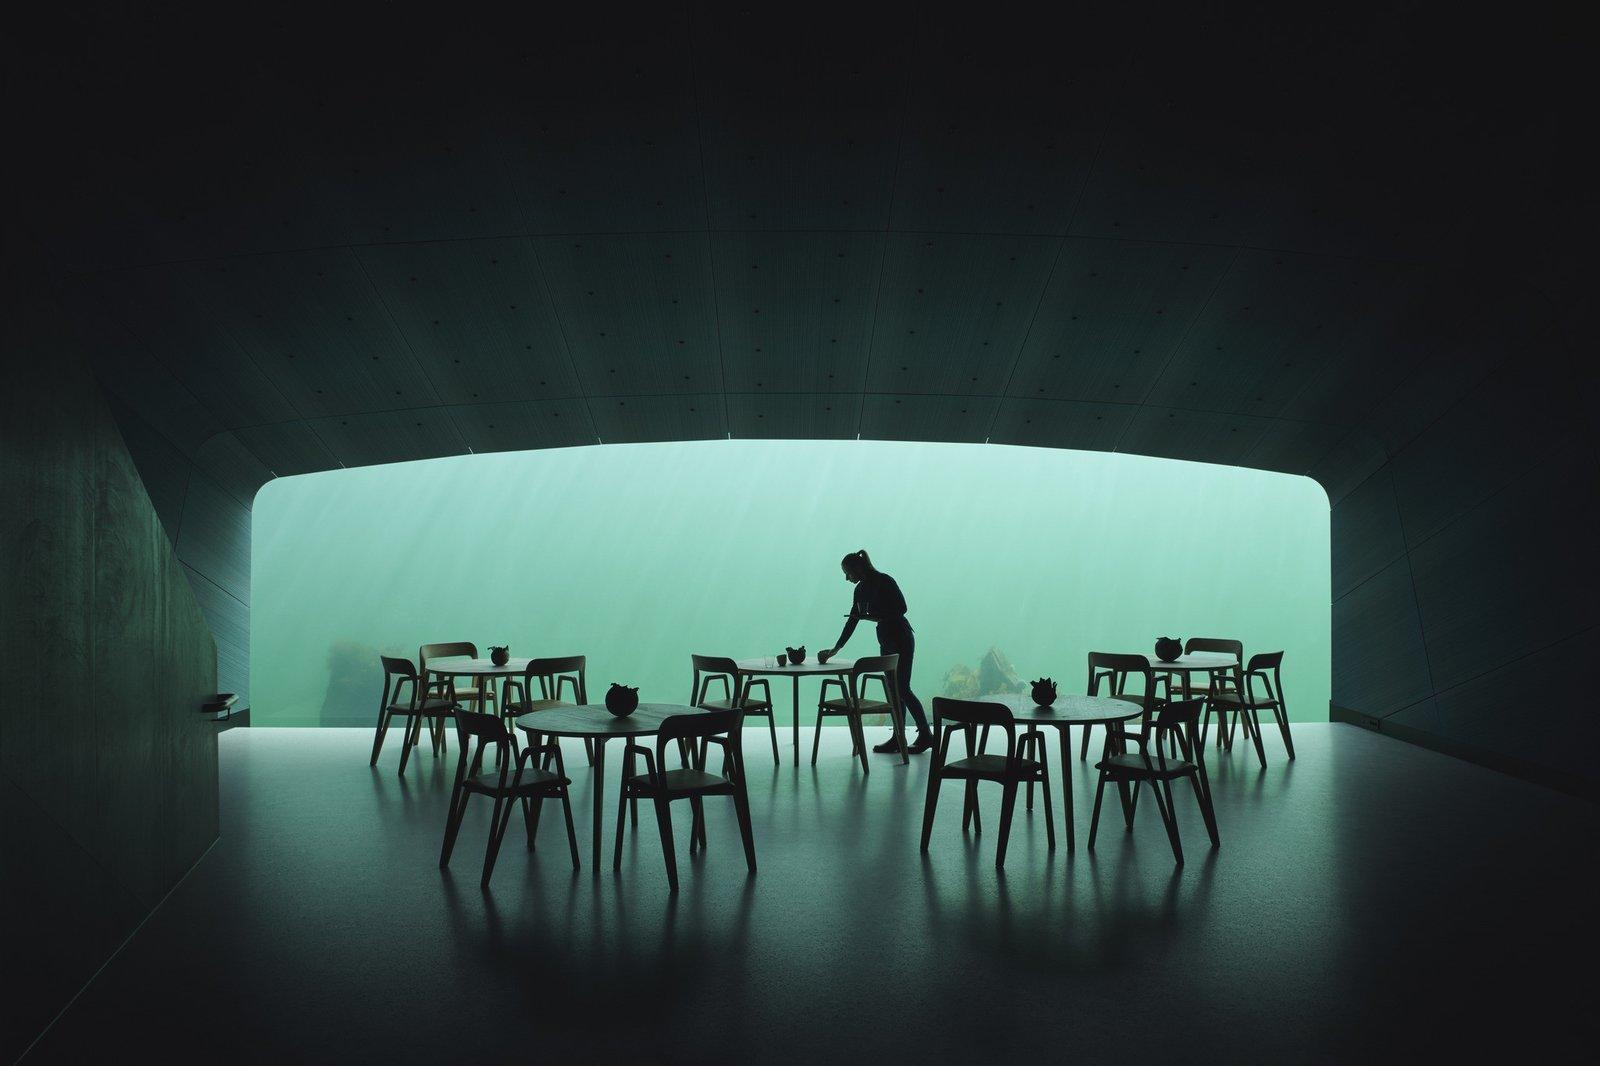 ここで相棒と食事したい。_f0365212_22434107.jpg